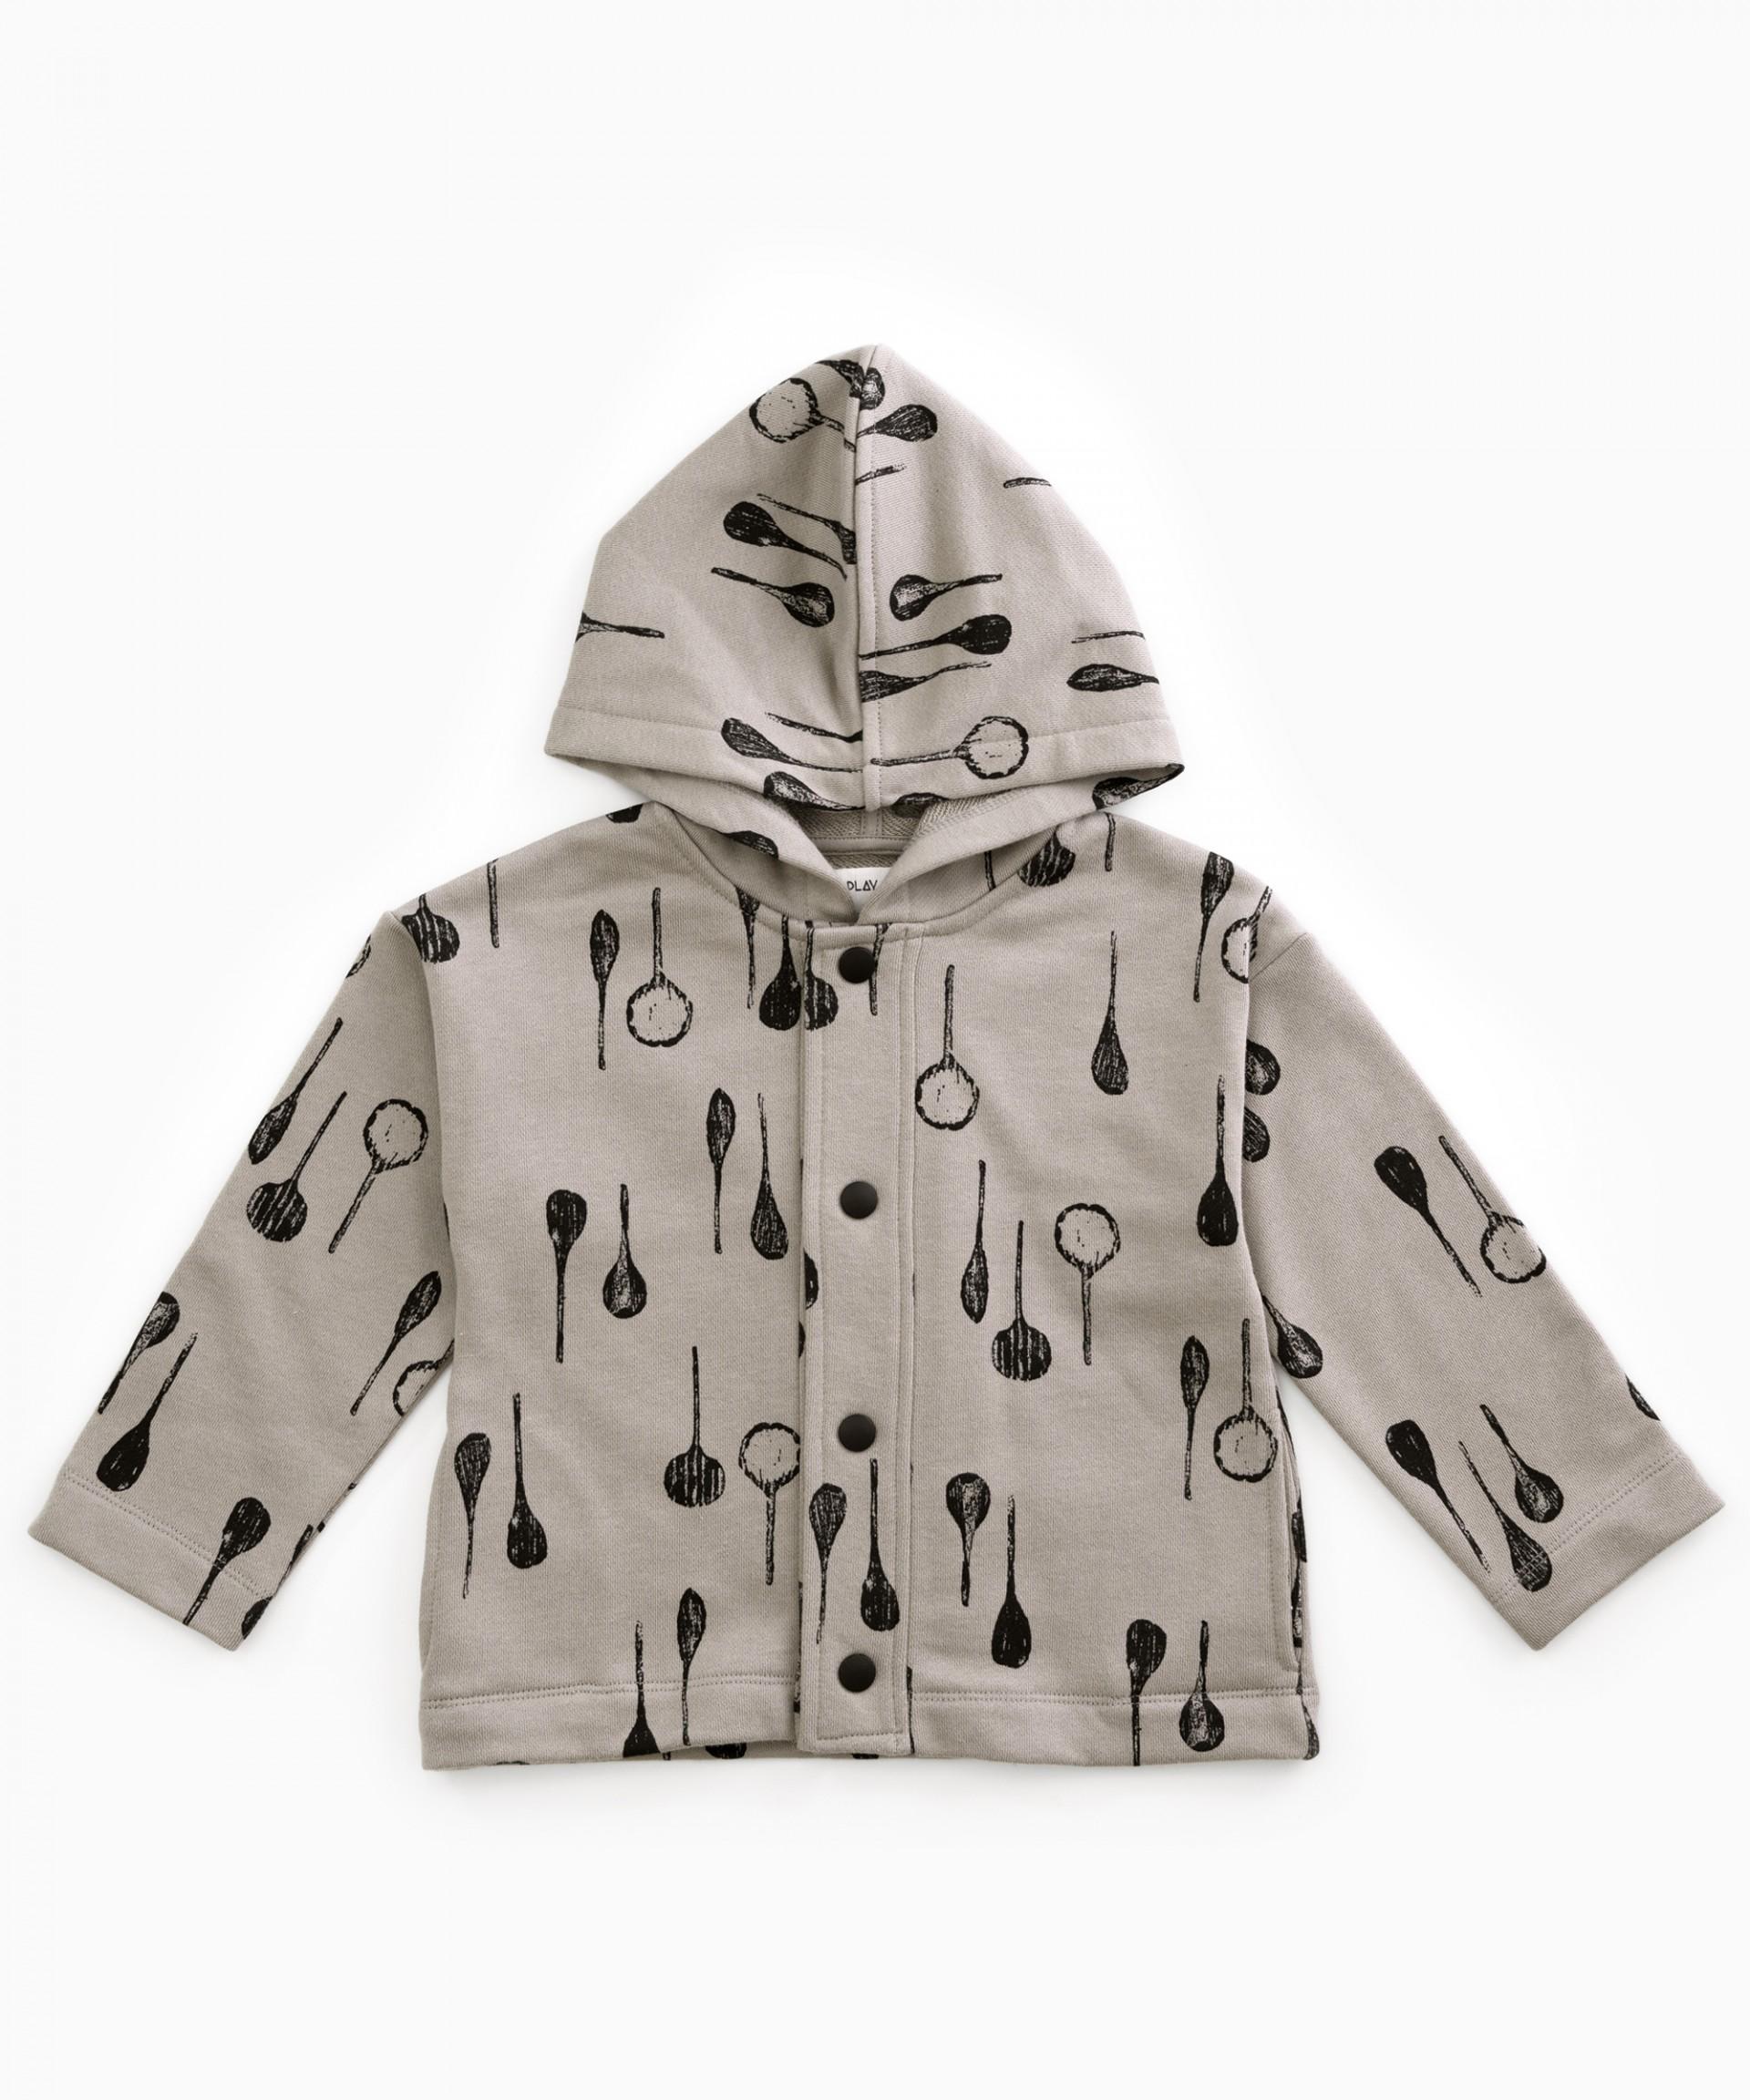 Hooded printed jacket | Woodwork